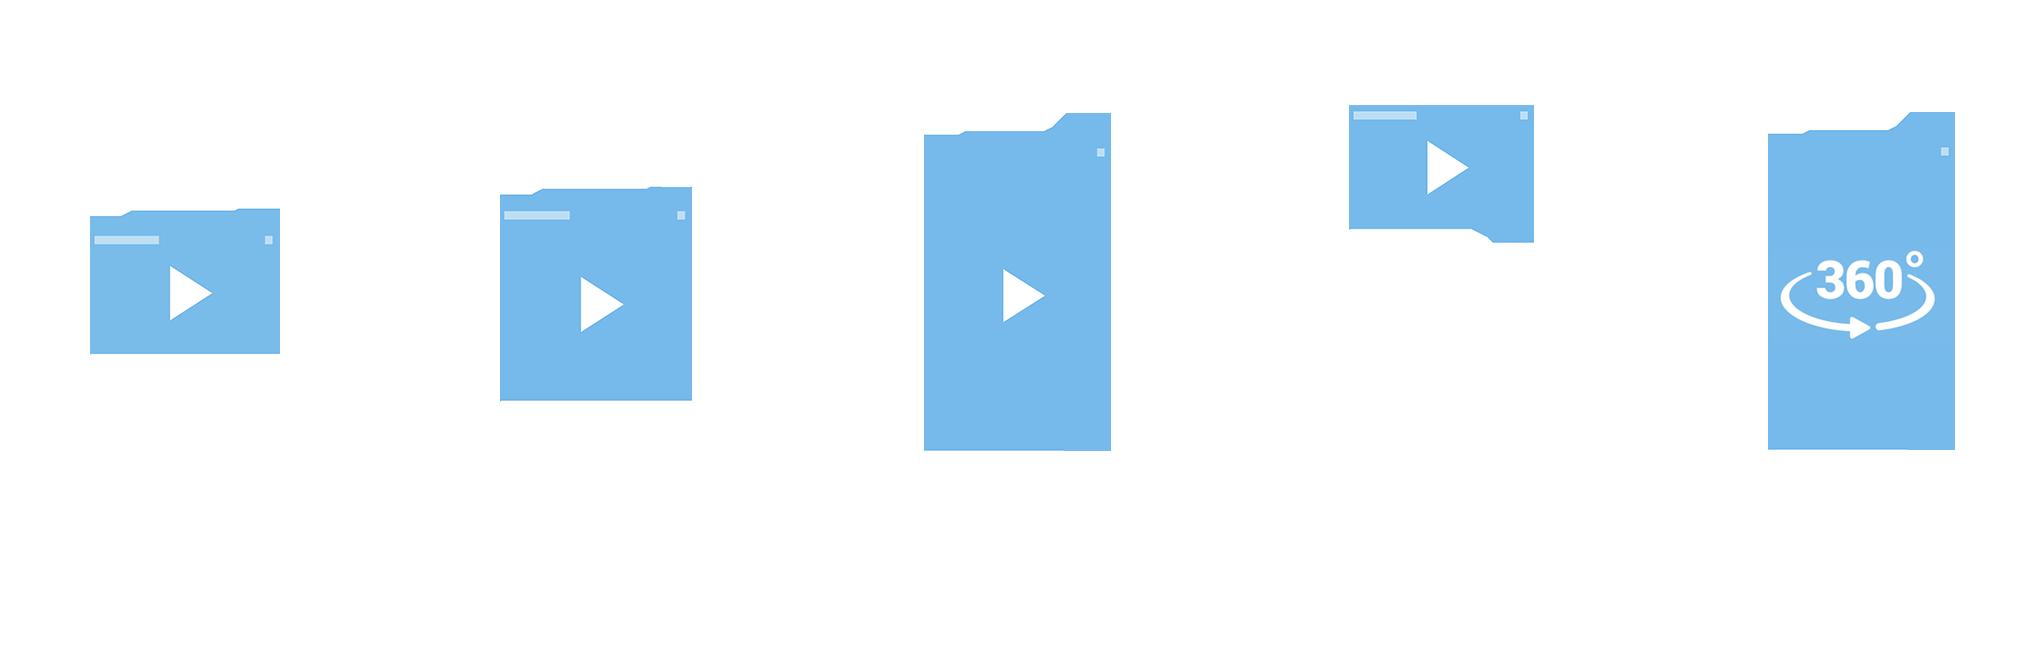 Teads inRead Branding